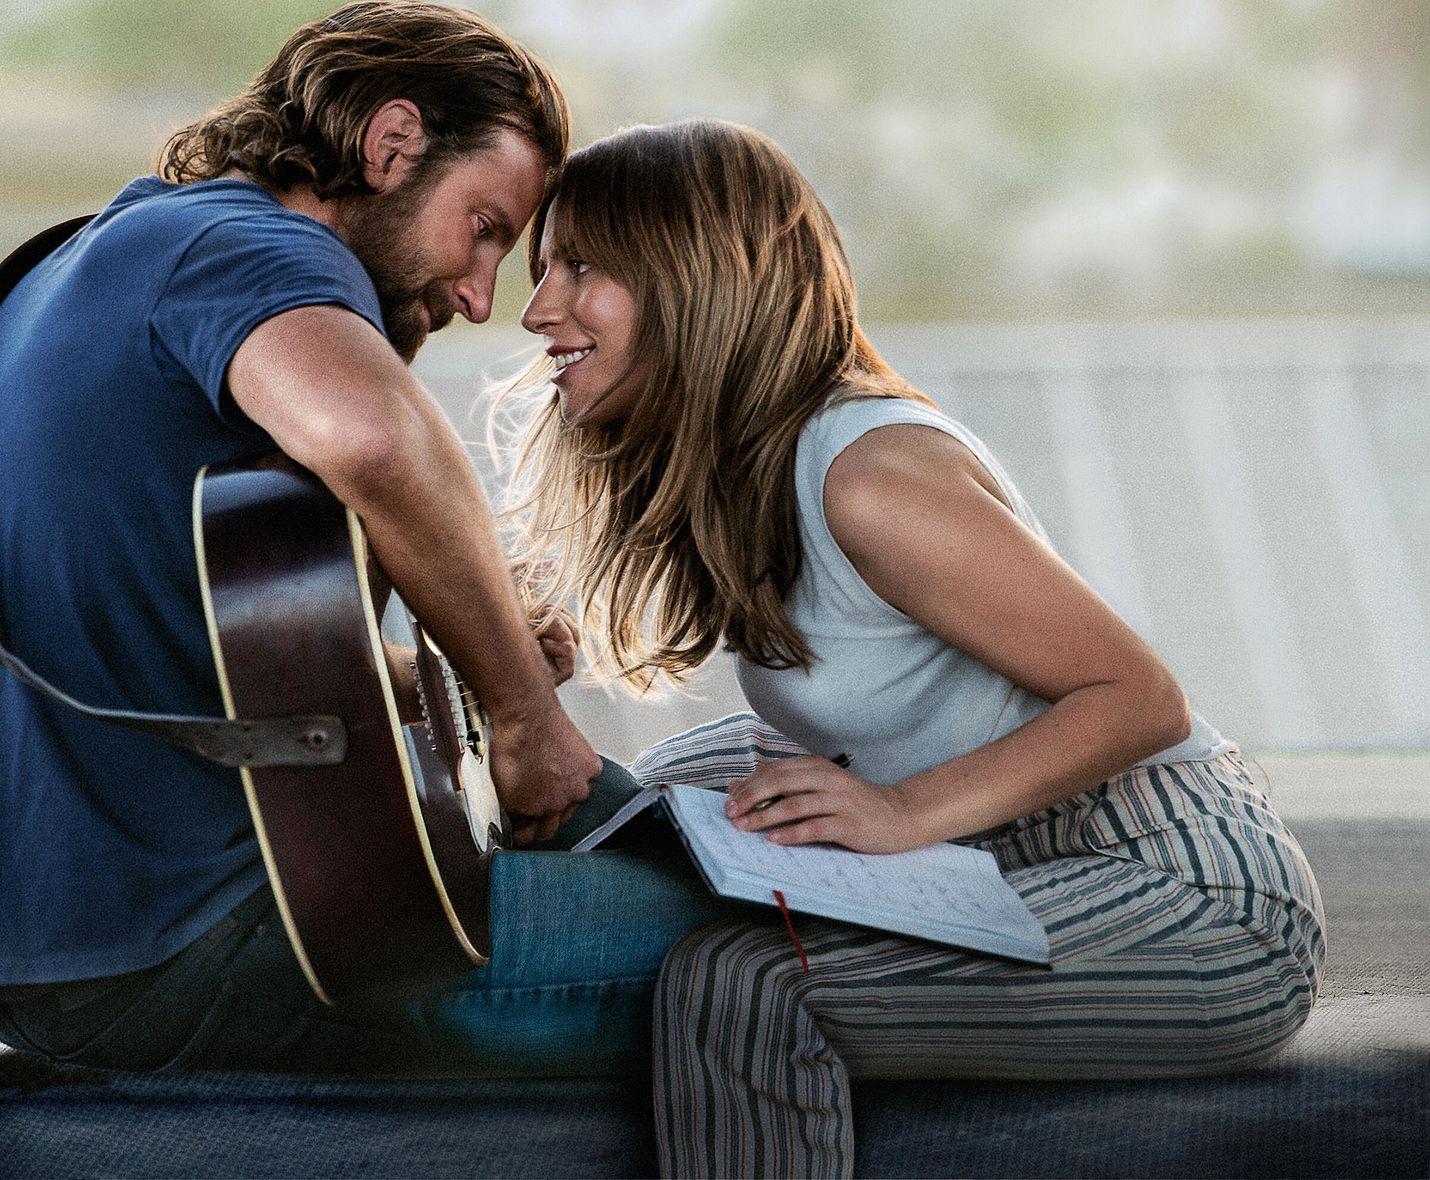 Kokenut muusikko Jackson Maine (Bradley Cooper) löytää taiteilijan nimeltä Ally (Lady Gaga), jolla ei mene hyvin, ja rakastuu tähän. Ally on juuri lähes luopunut unelmastaan menestyä laulajana, kunnes Jack houkuttelee tämän huomion keskipisteeksi.